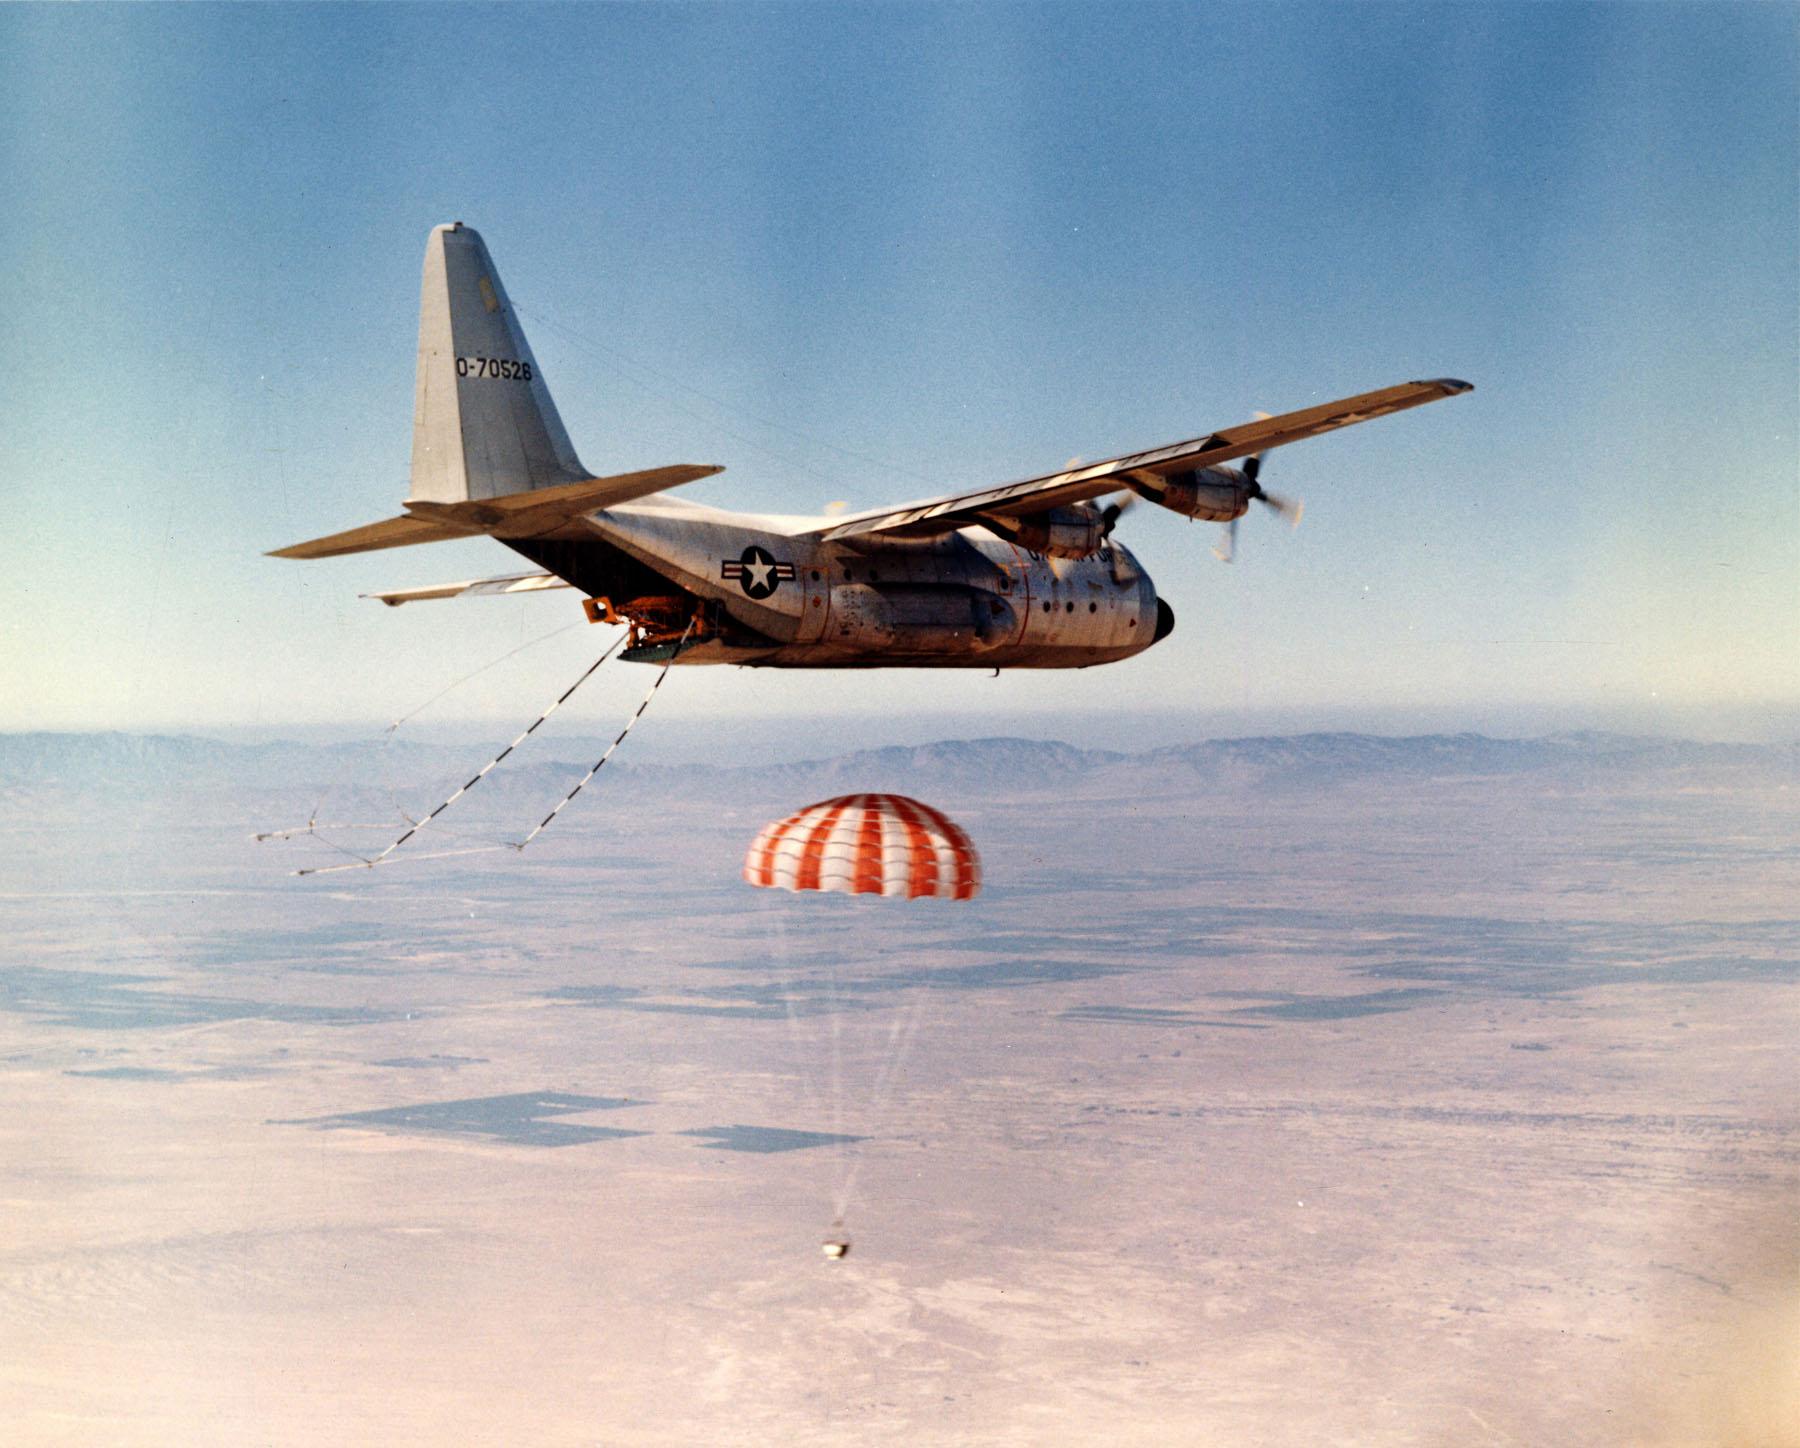 A1/(J)C-130B/pho/002 (AR.2001.028)